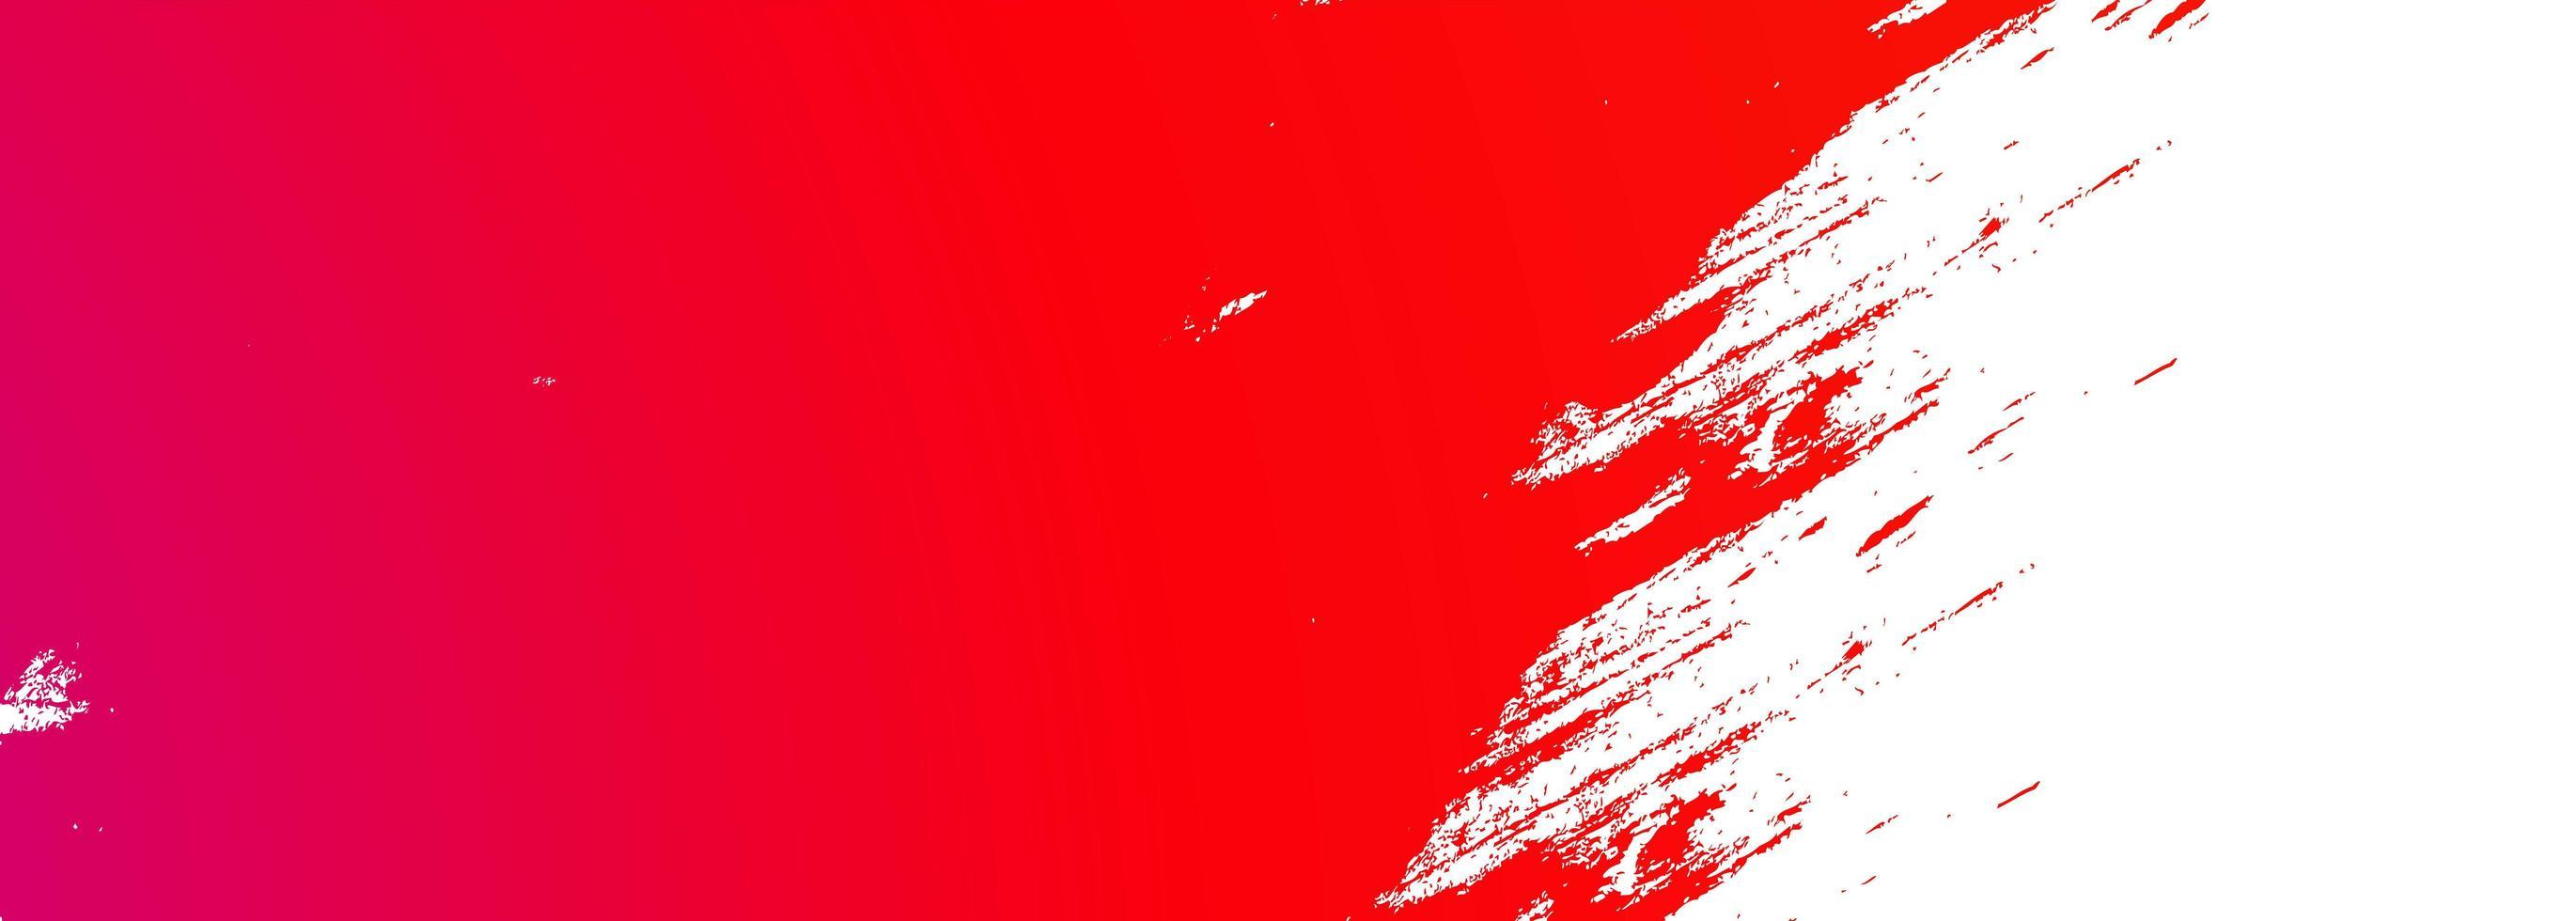 bannière de coup de pinceau de peinture rouge abstraite vecteur